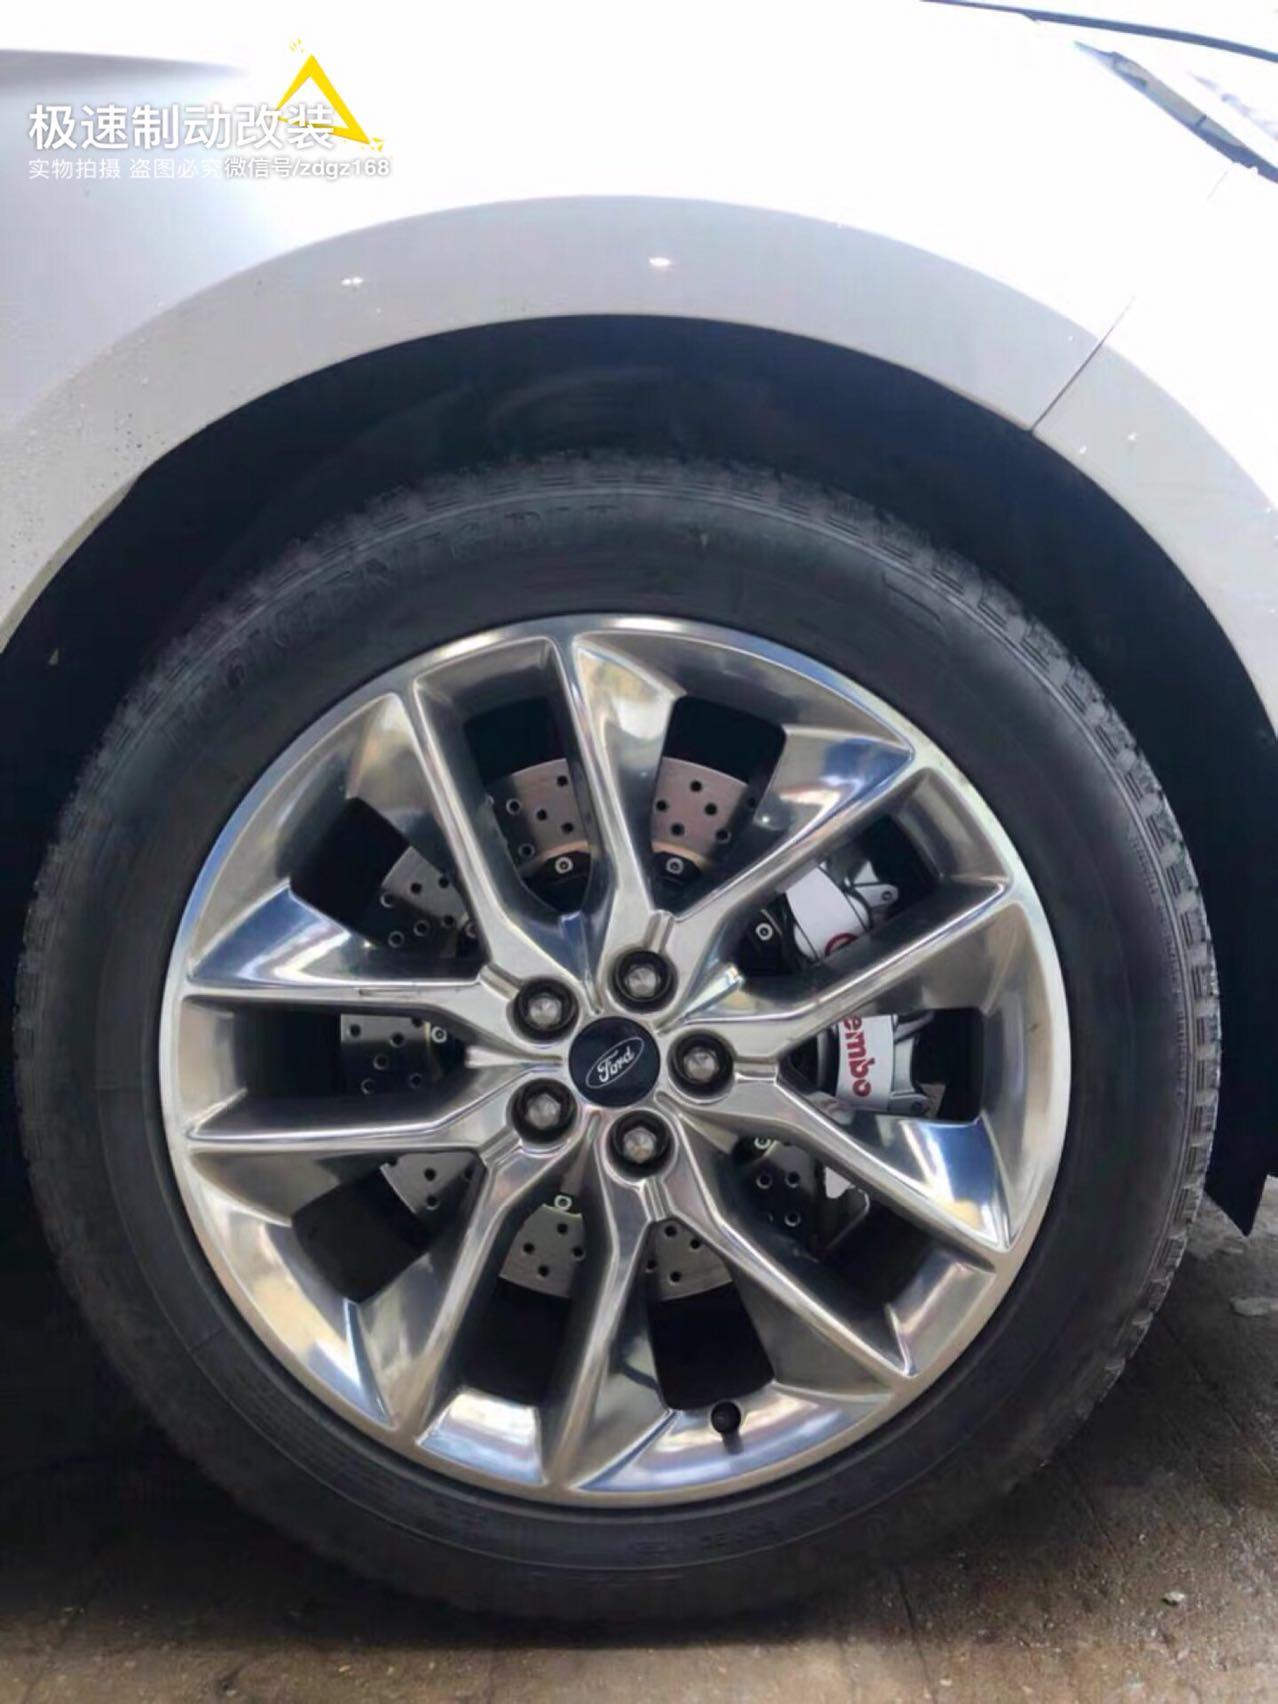 福特锐界刹车升级前轮Brembo v6刹车套装,完美上车,轮毂饱满好看